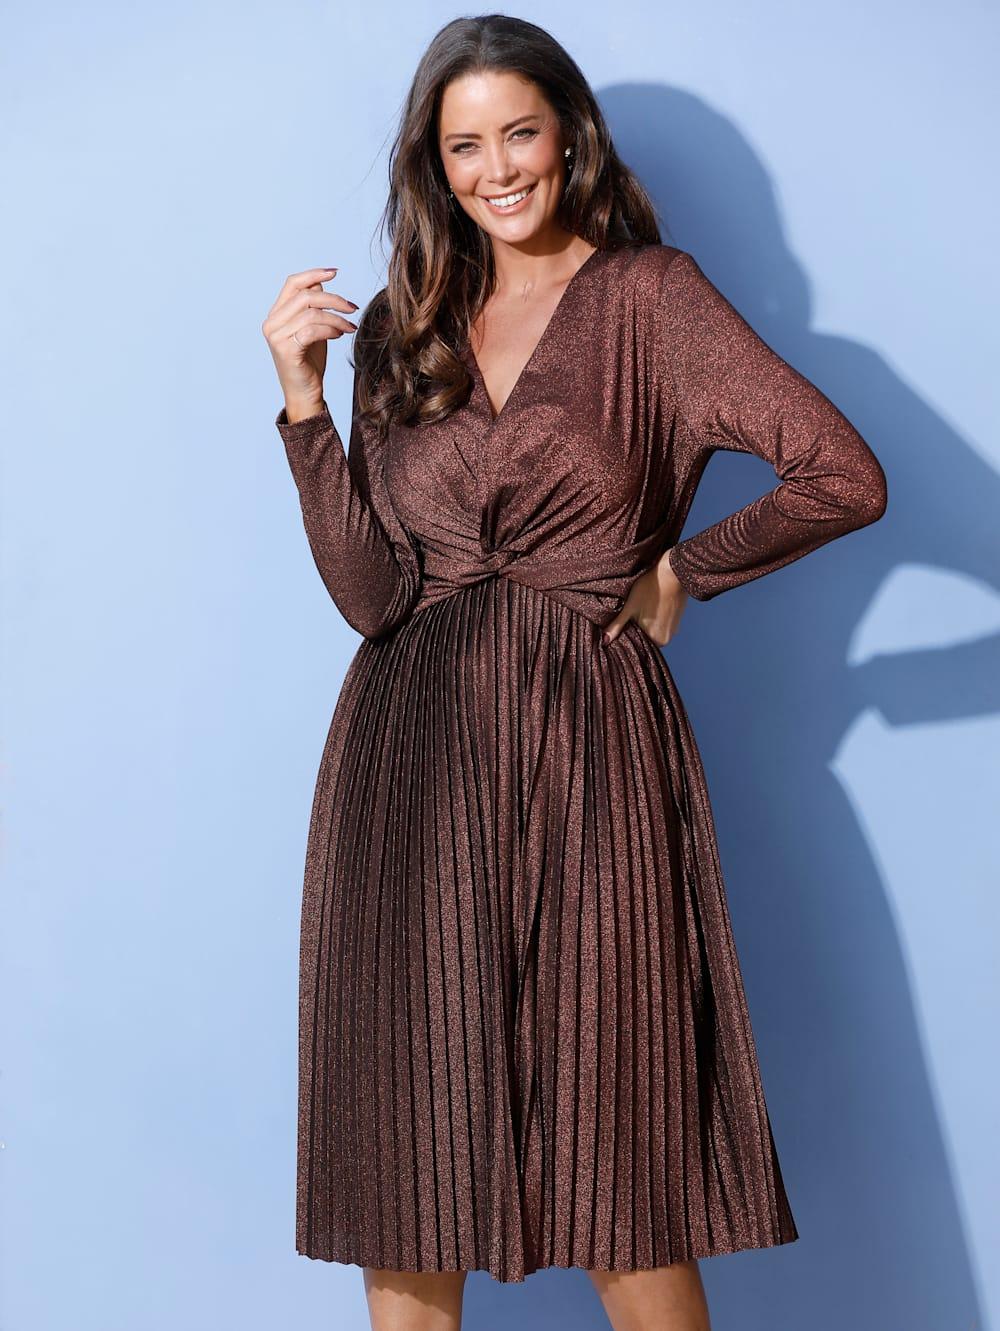 miamoda kleid mit effektvoller drappierung in der taille   mia moda